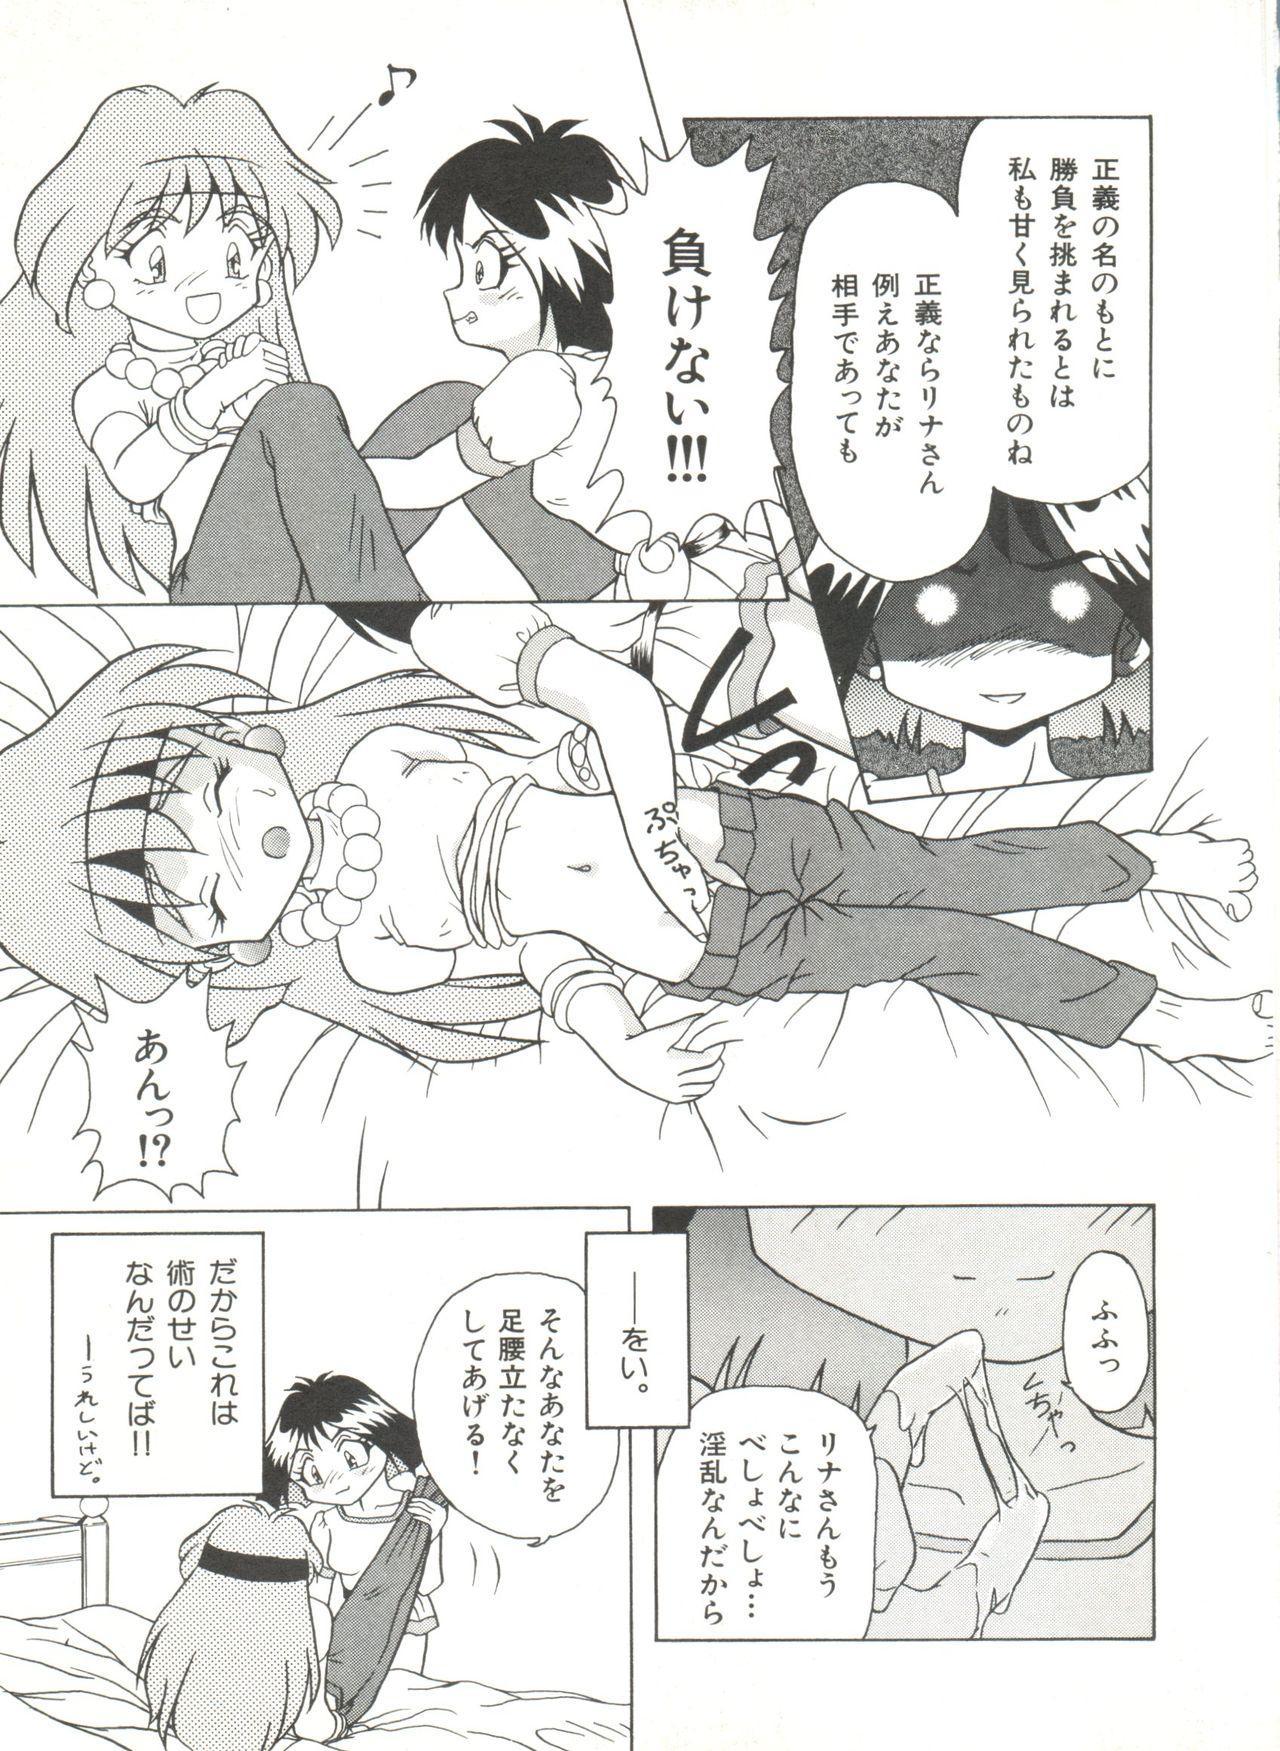 Bishoujo Doujinshi Anthology 6 72